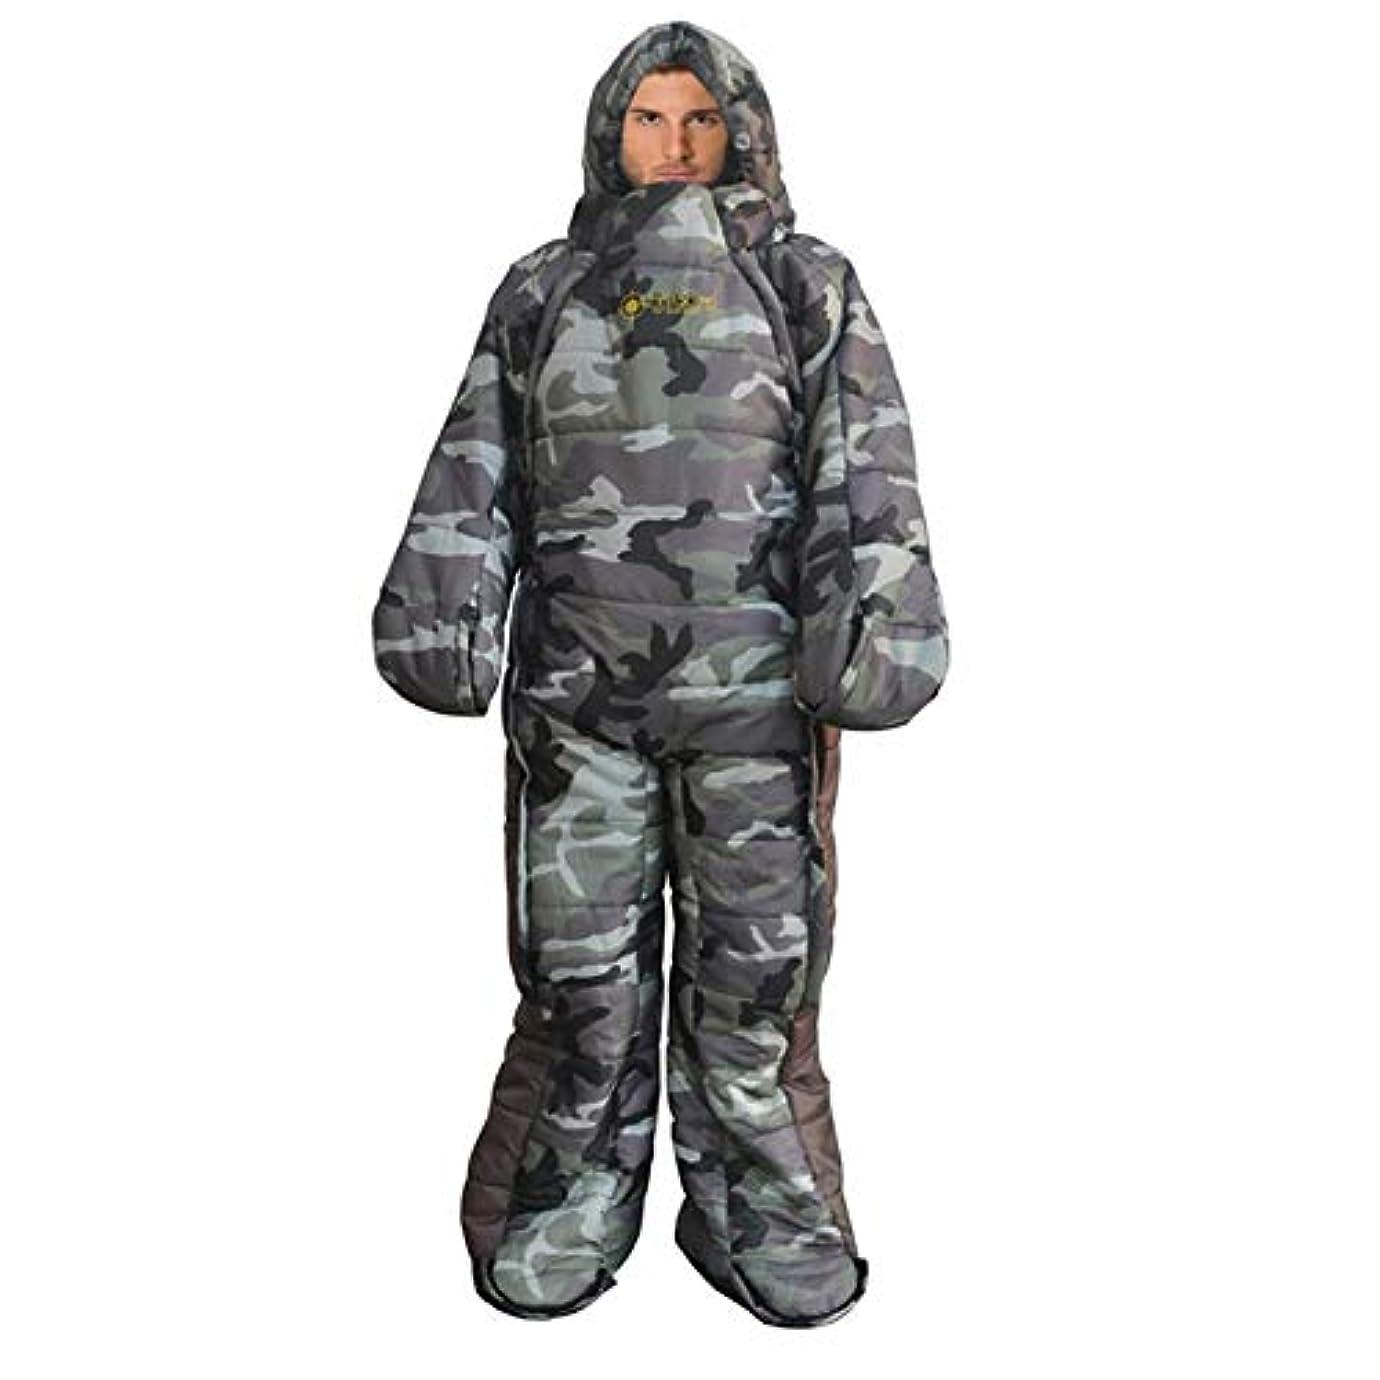 ラッシュ国旗幻滅するPQZATX キャンプ寝袋 快適なヒューマノイド 防風暖かい寝袋 屋外キャンプハイキング 冬の冒険旅行機器5℃-0℃-M